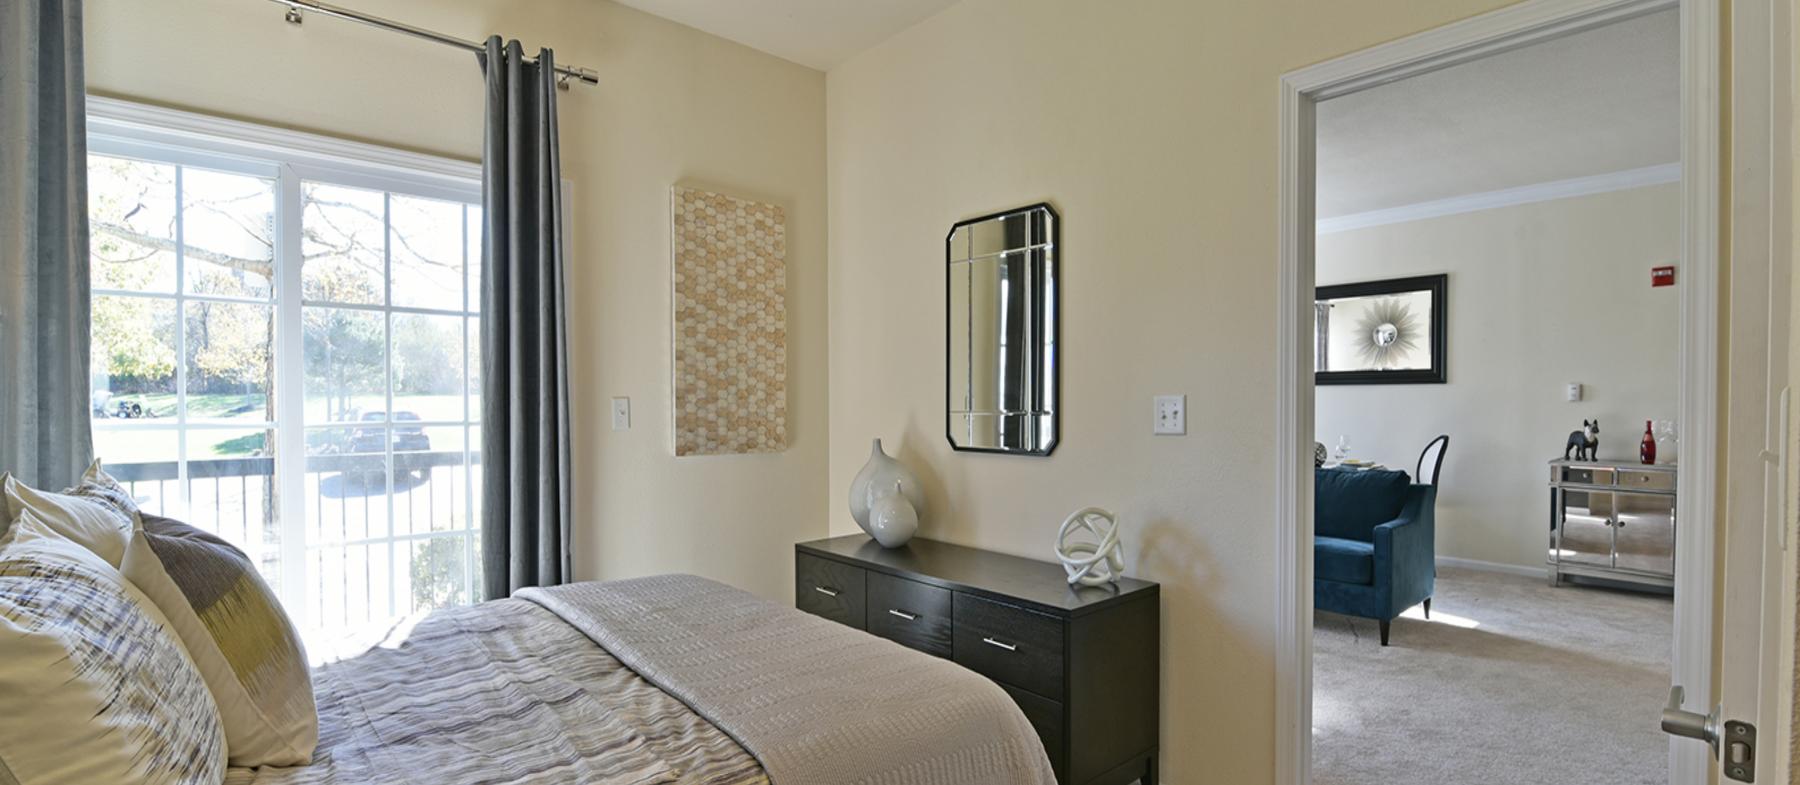 12 - Apartment Bedroom & Living Room copy 2